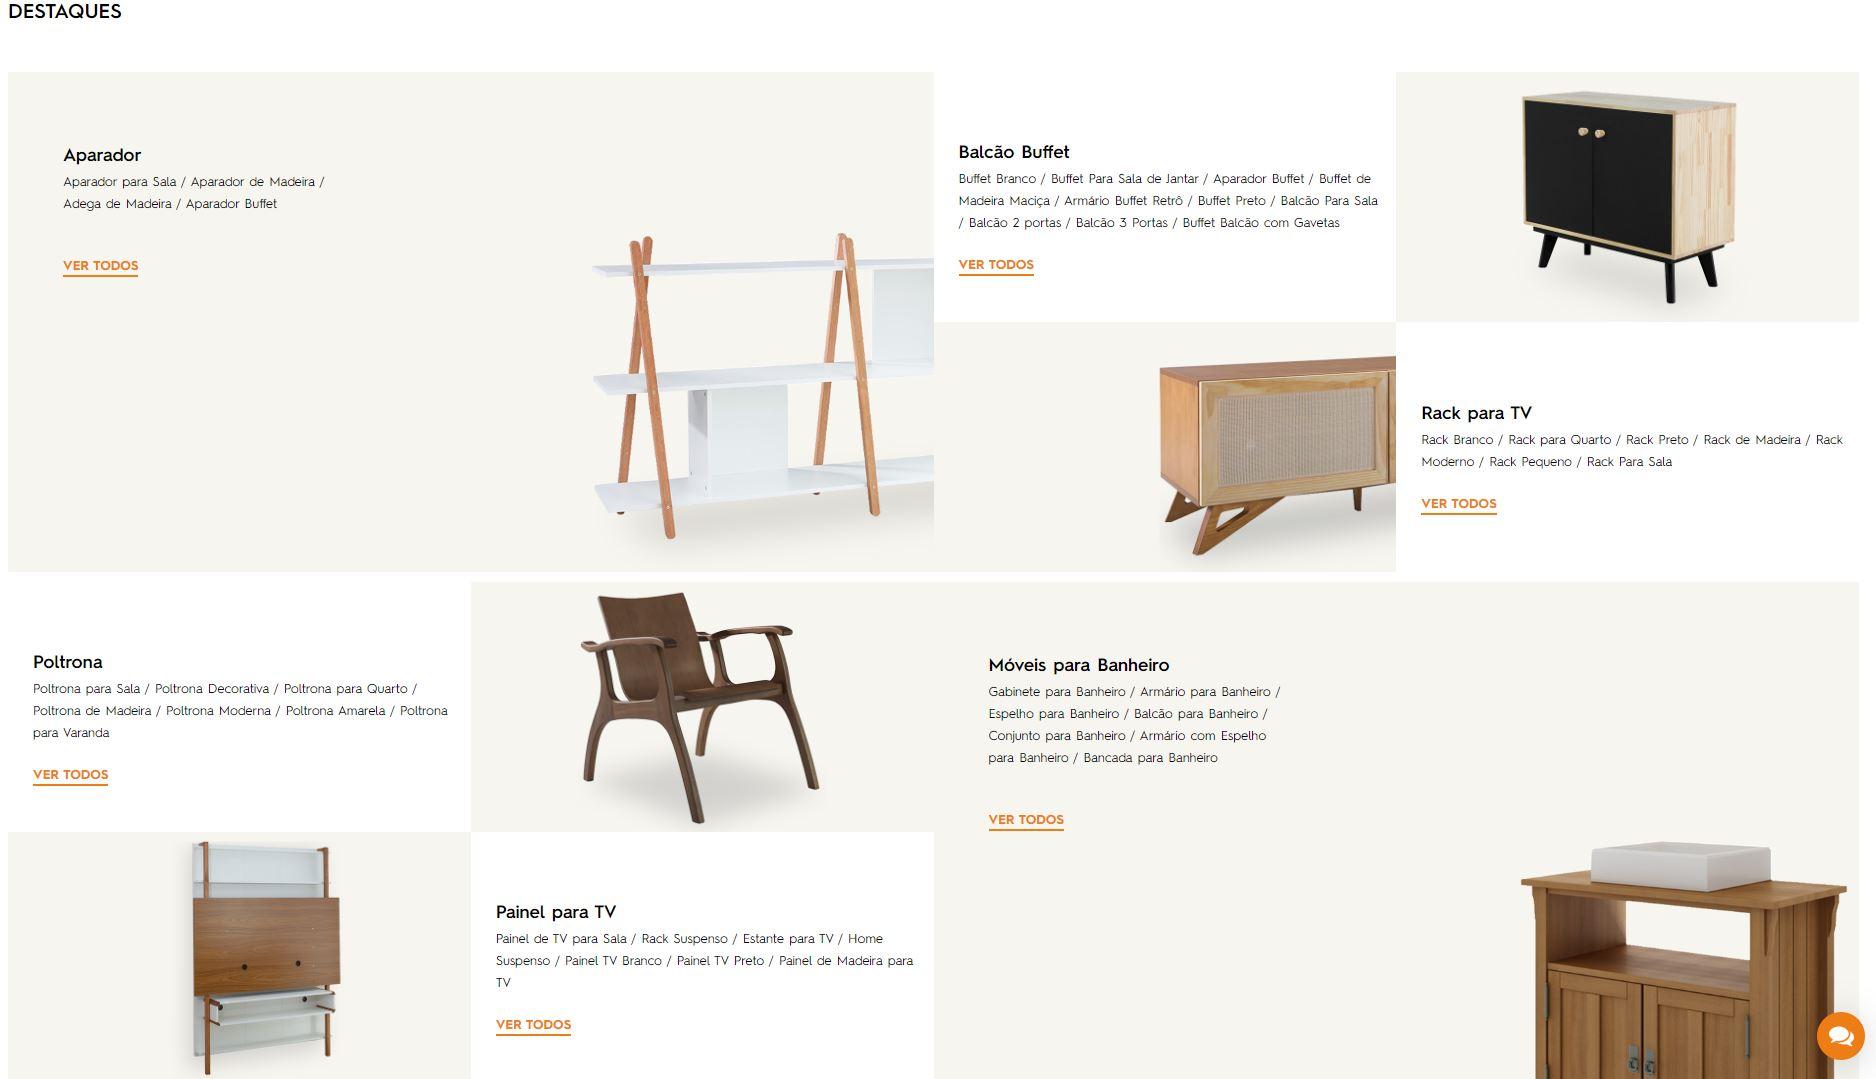 site para comprar moveis - IdeaStore